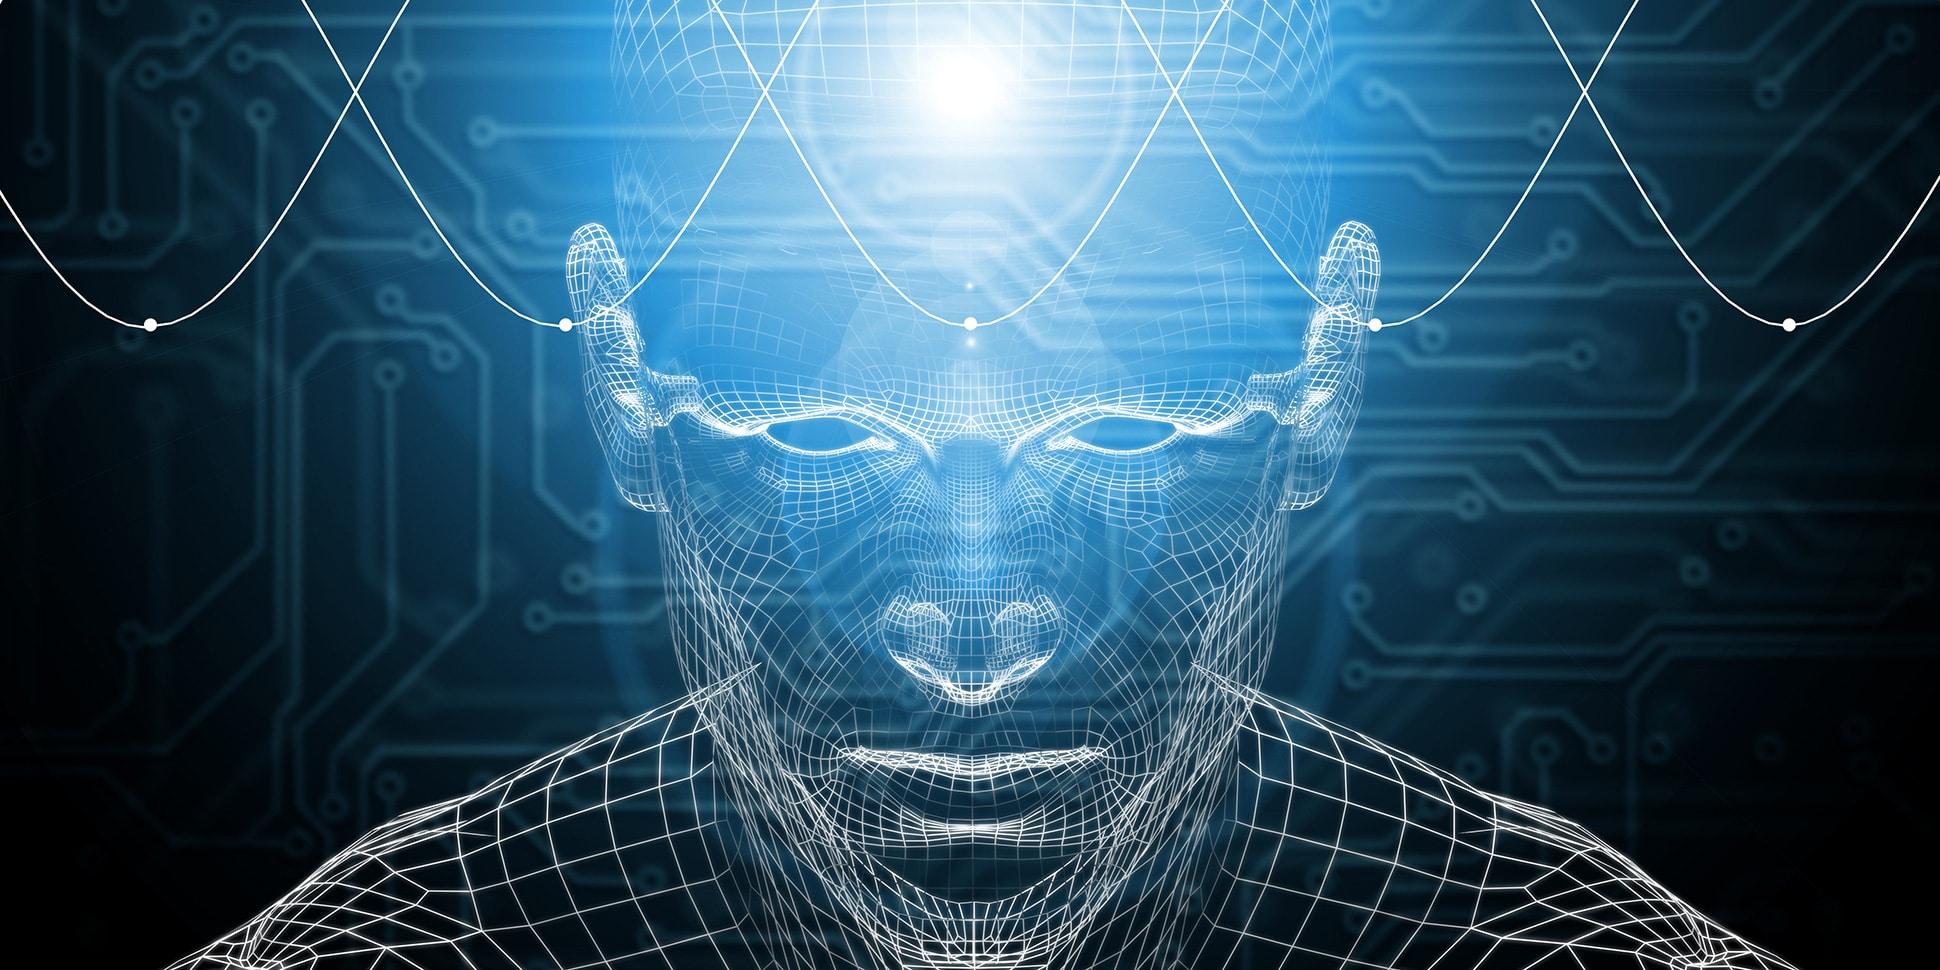 Ilustração de homem com ondas e luzes saindo de sua mente.